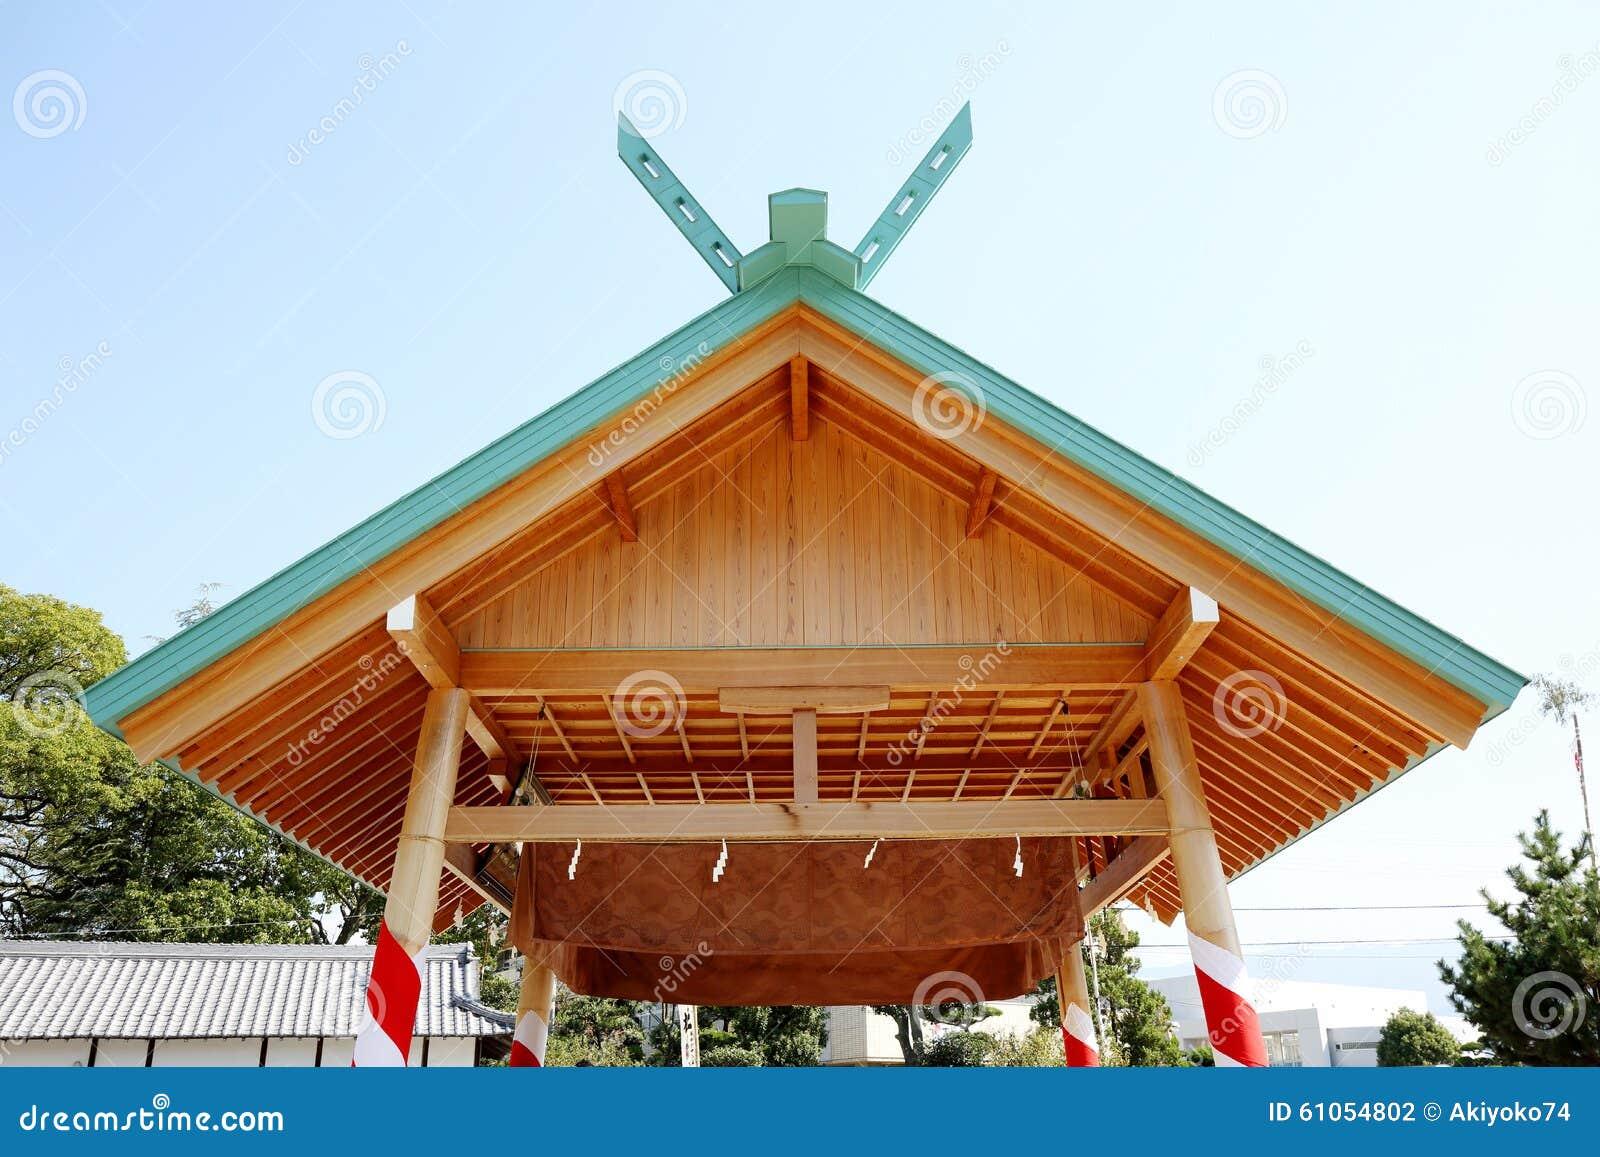 Sumo wrestling house stock photo image of ornate interior 61054802 malvernweather Choice Image